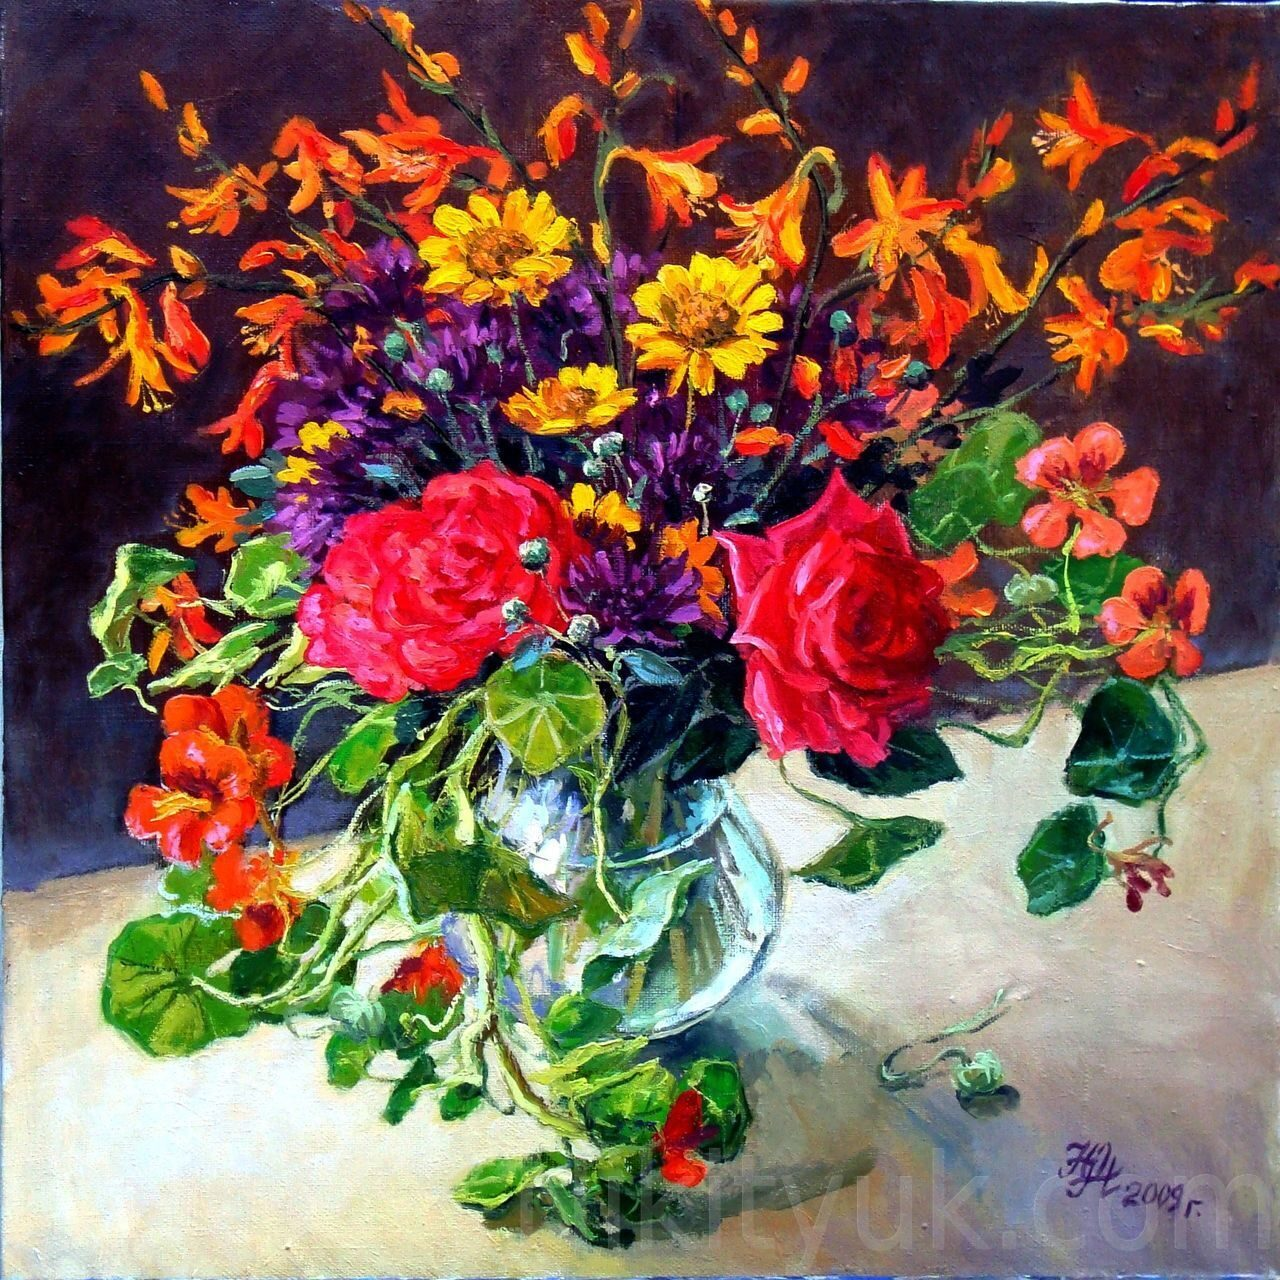 Садовые цветы, х.м., 40х45см, 2009г. 10 000 руб., под заказ